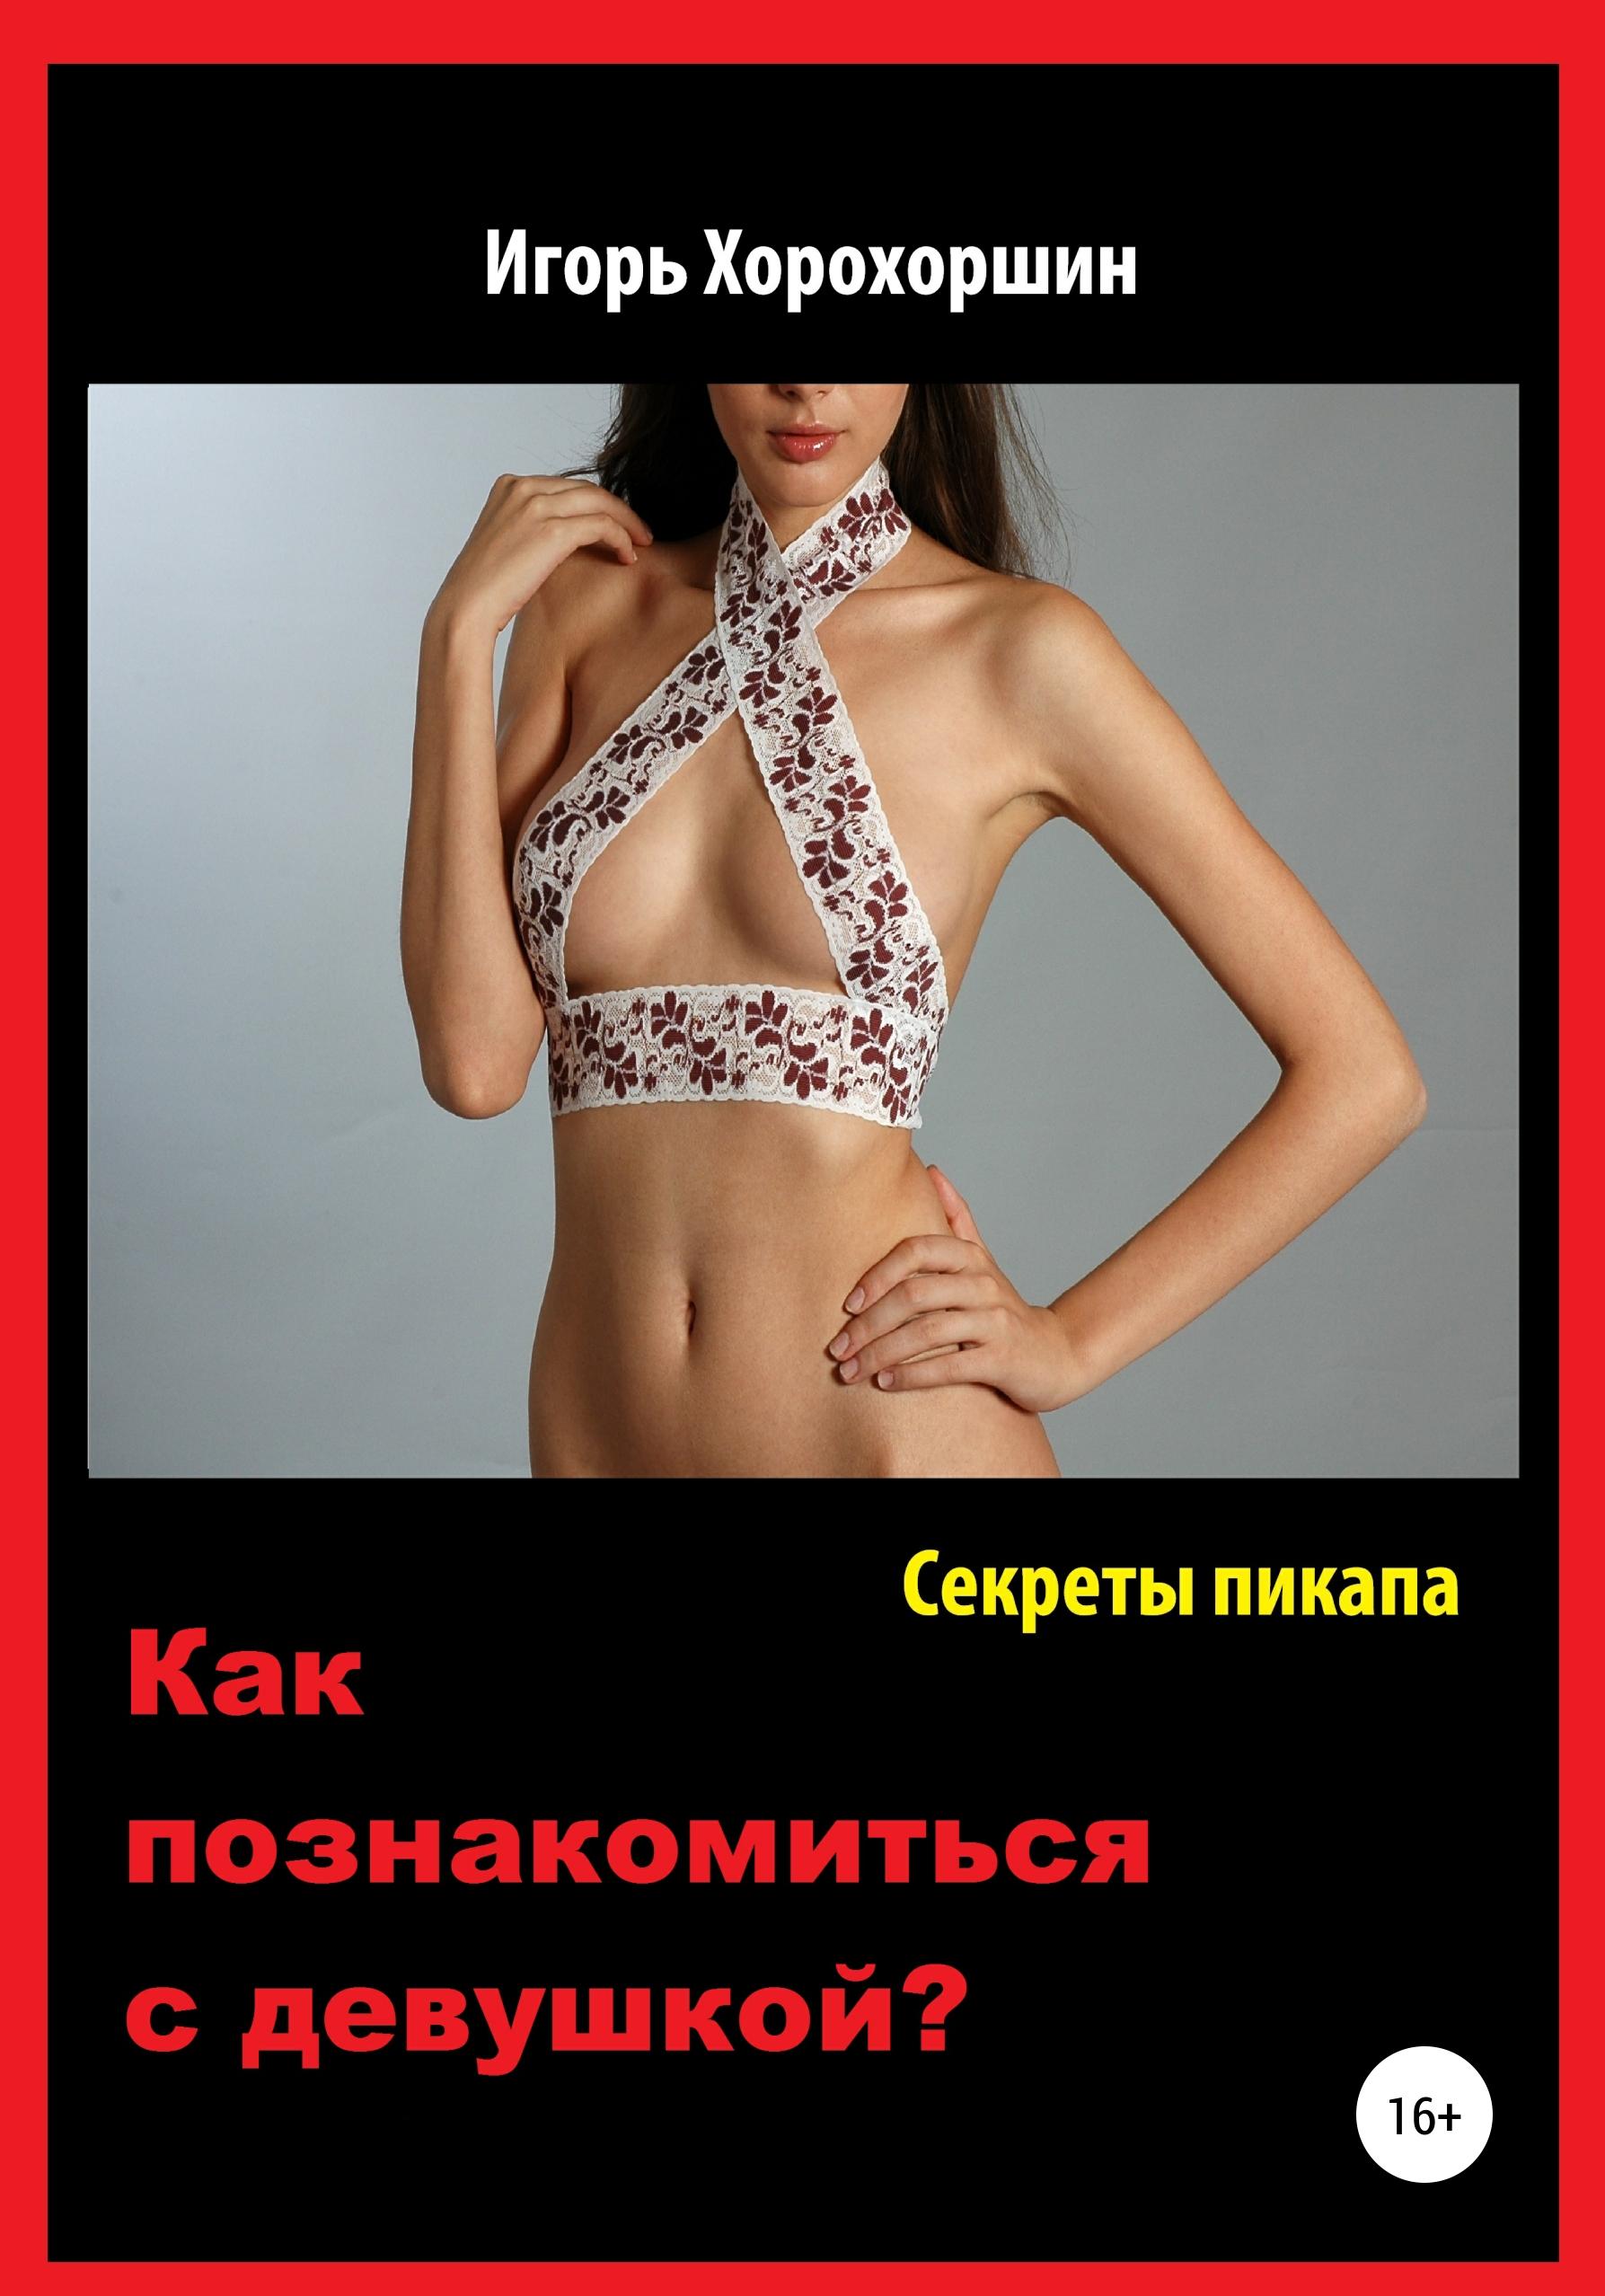 Игорь Хорохоршин Секреты пикапа. Как познакомиться с девушкой?